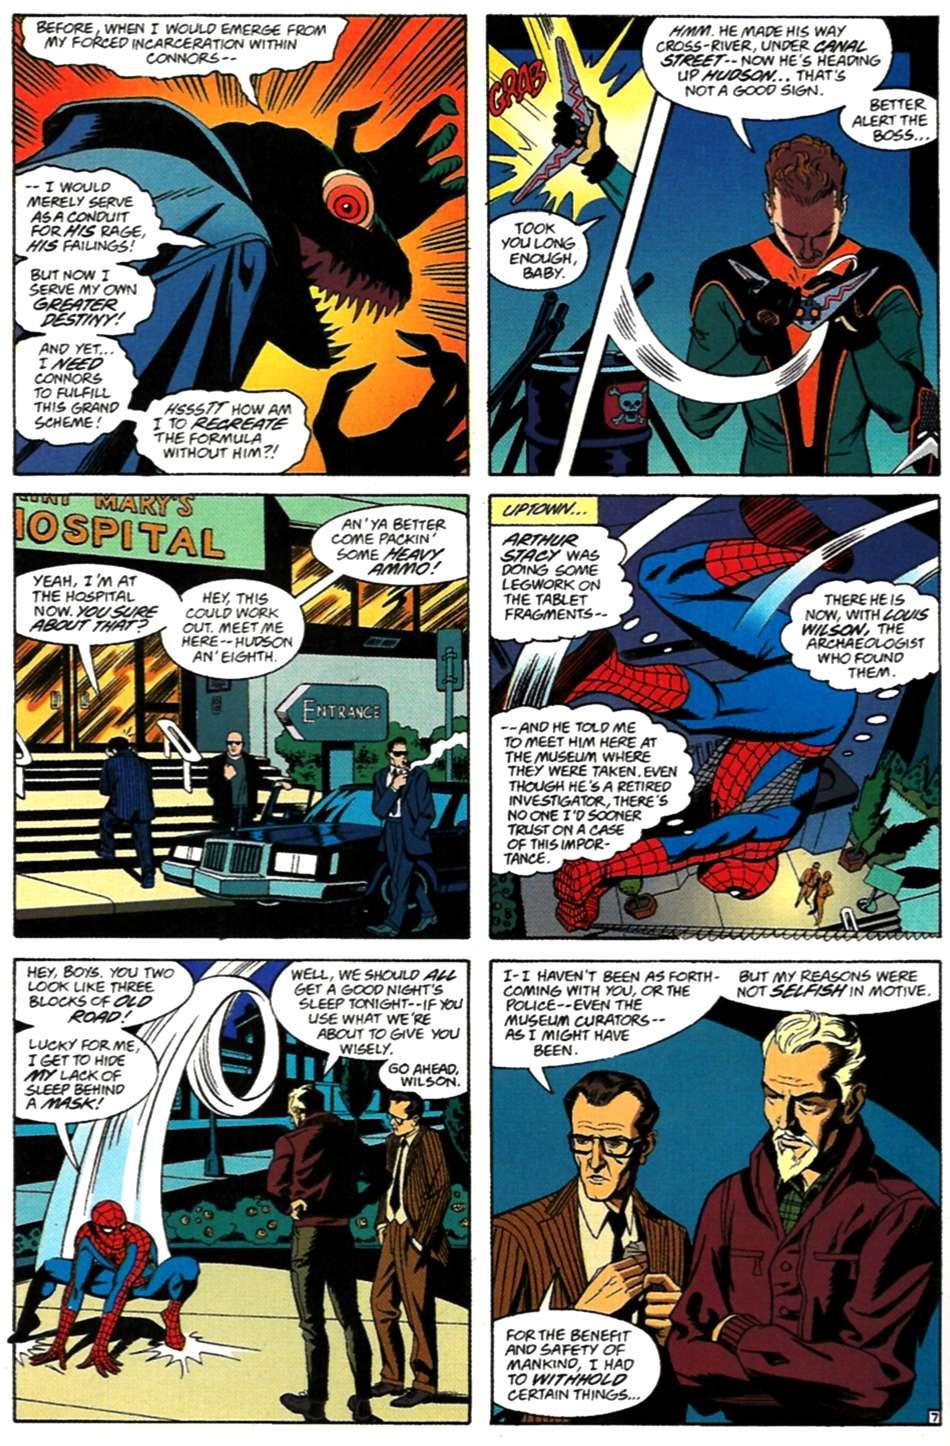 Read online Spider-Man: Lifeline comic -  Issue #3 - 8